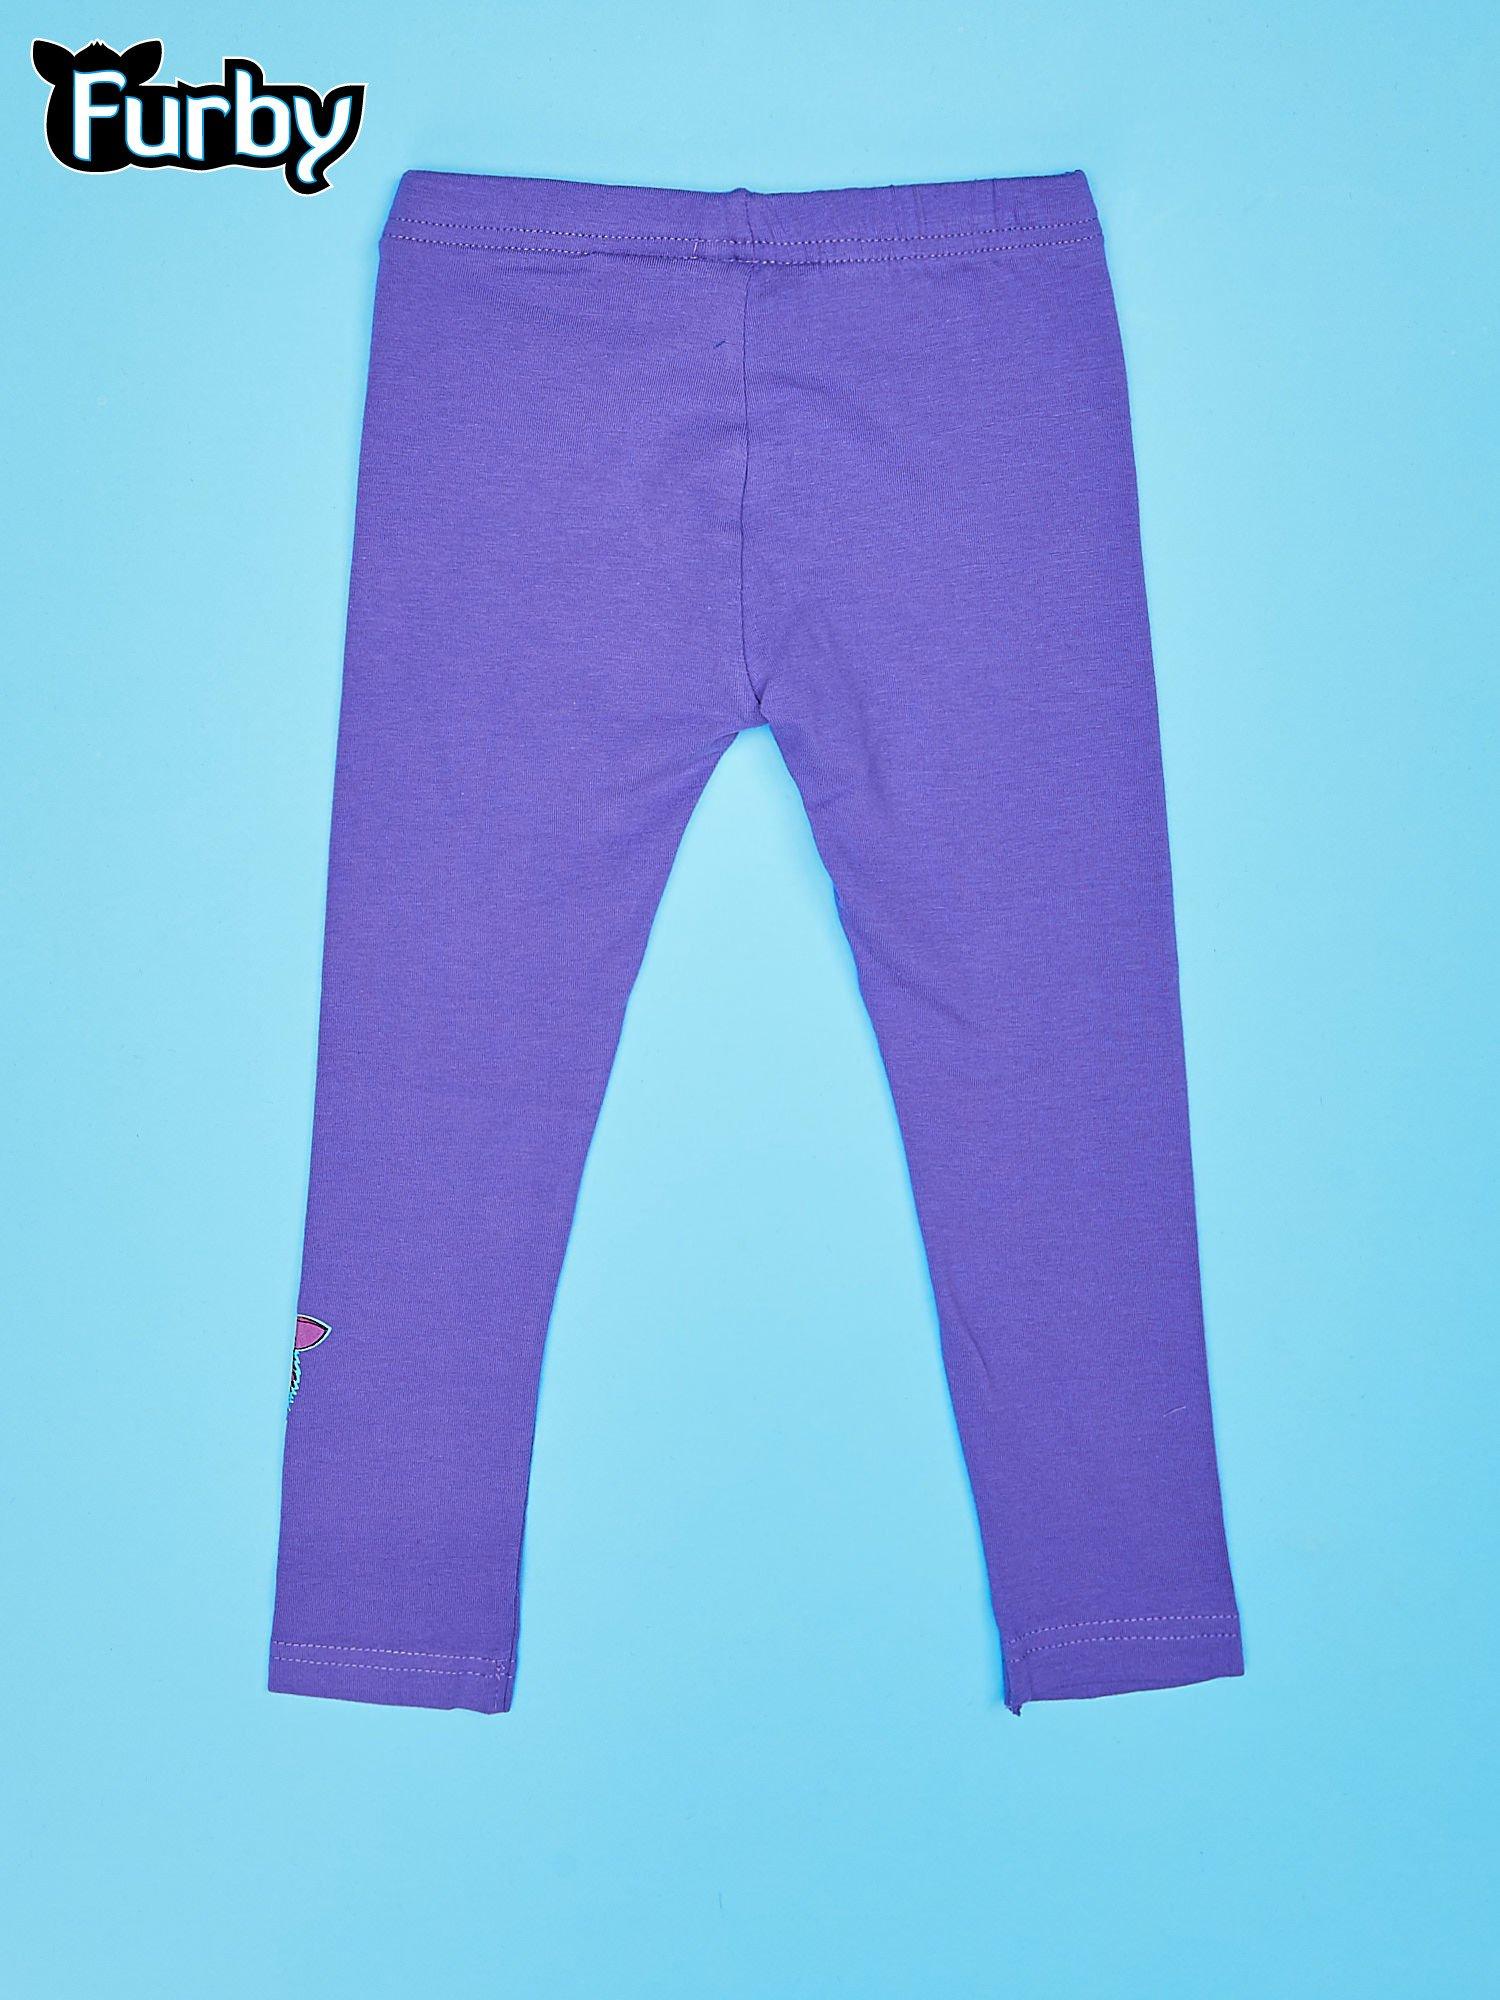 Fioletowe legginsy dla dziewczynki FURBY                                  zdj.                                  2